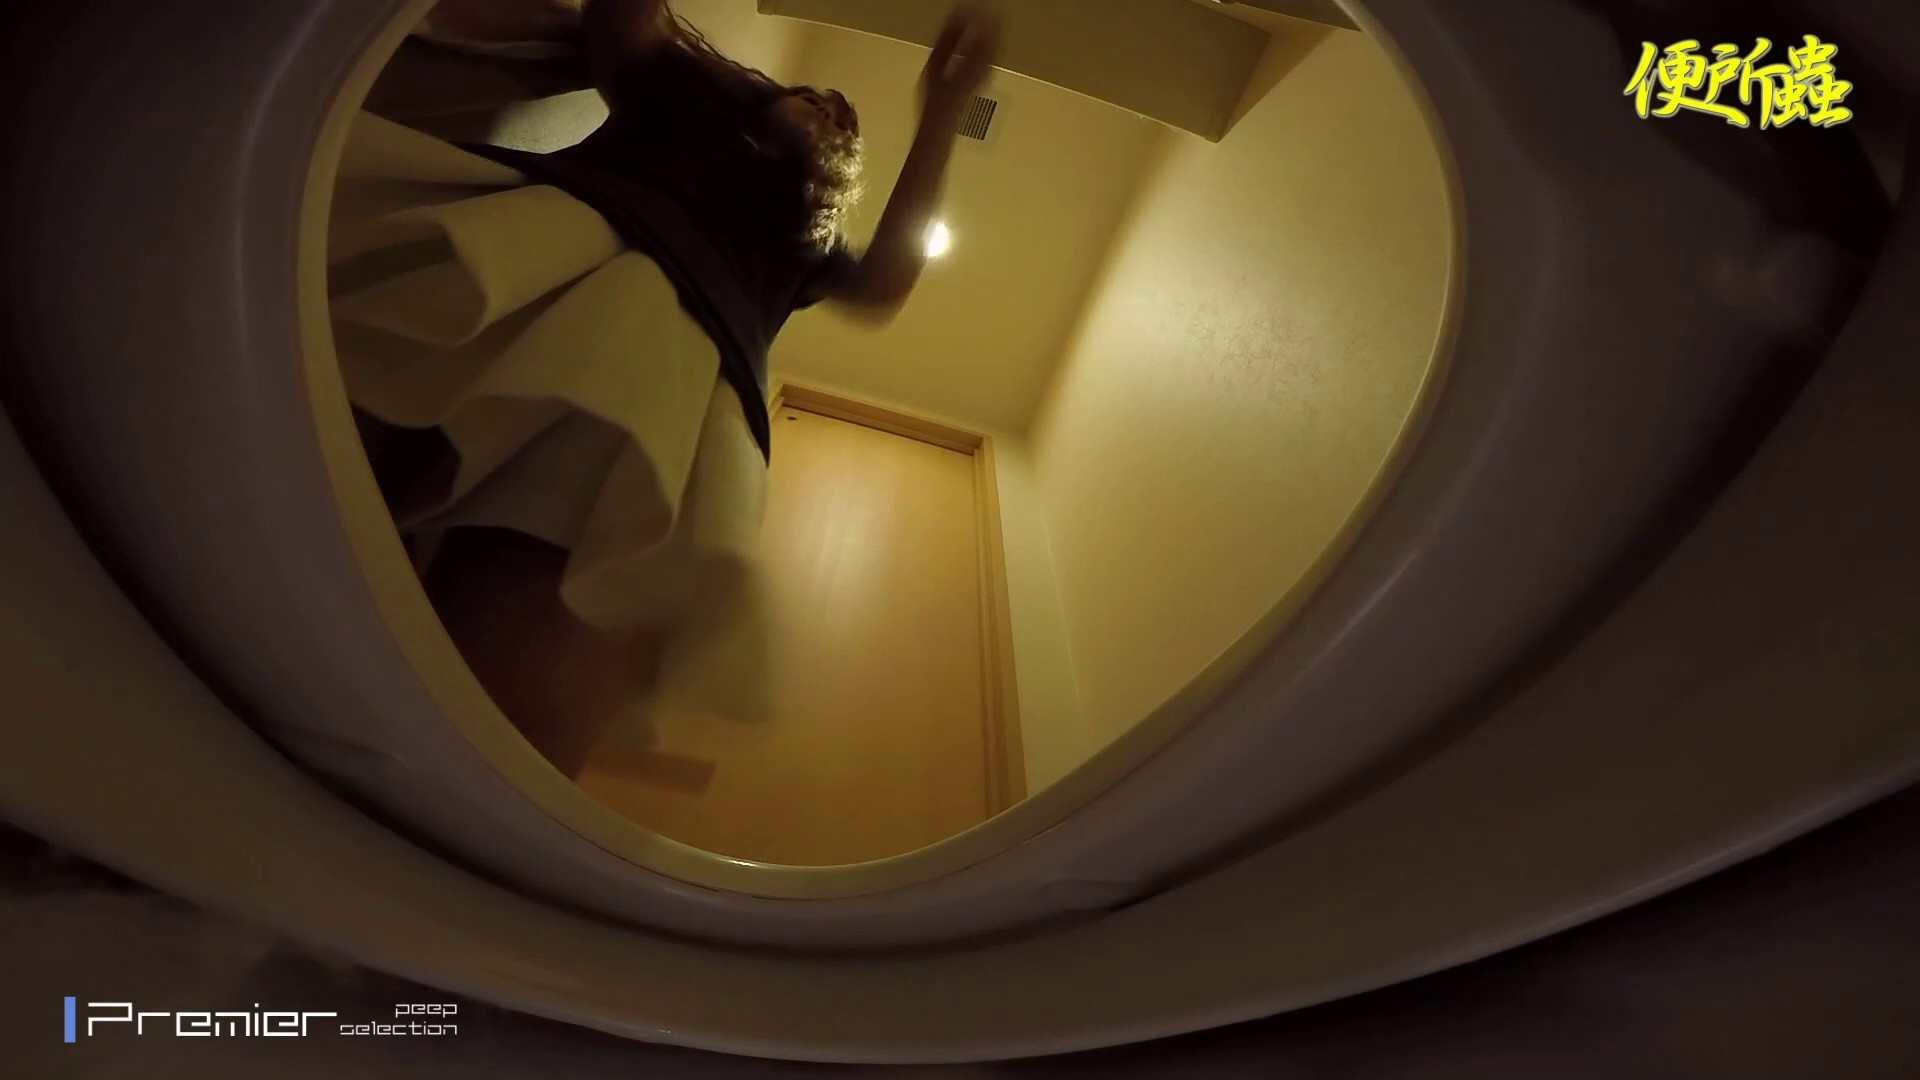 洗面所のBEN所蟲さんリターン vol.27 洗面所のぞき AV無料動画キャプチャ 111枚 47